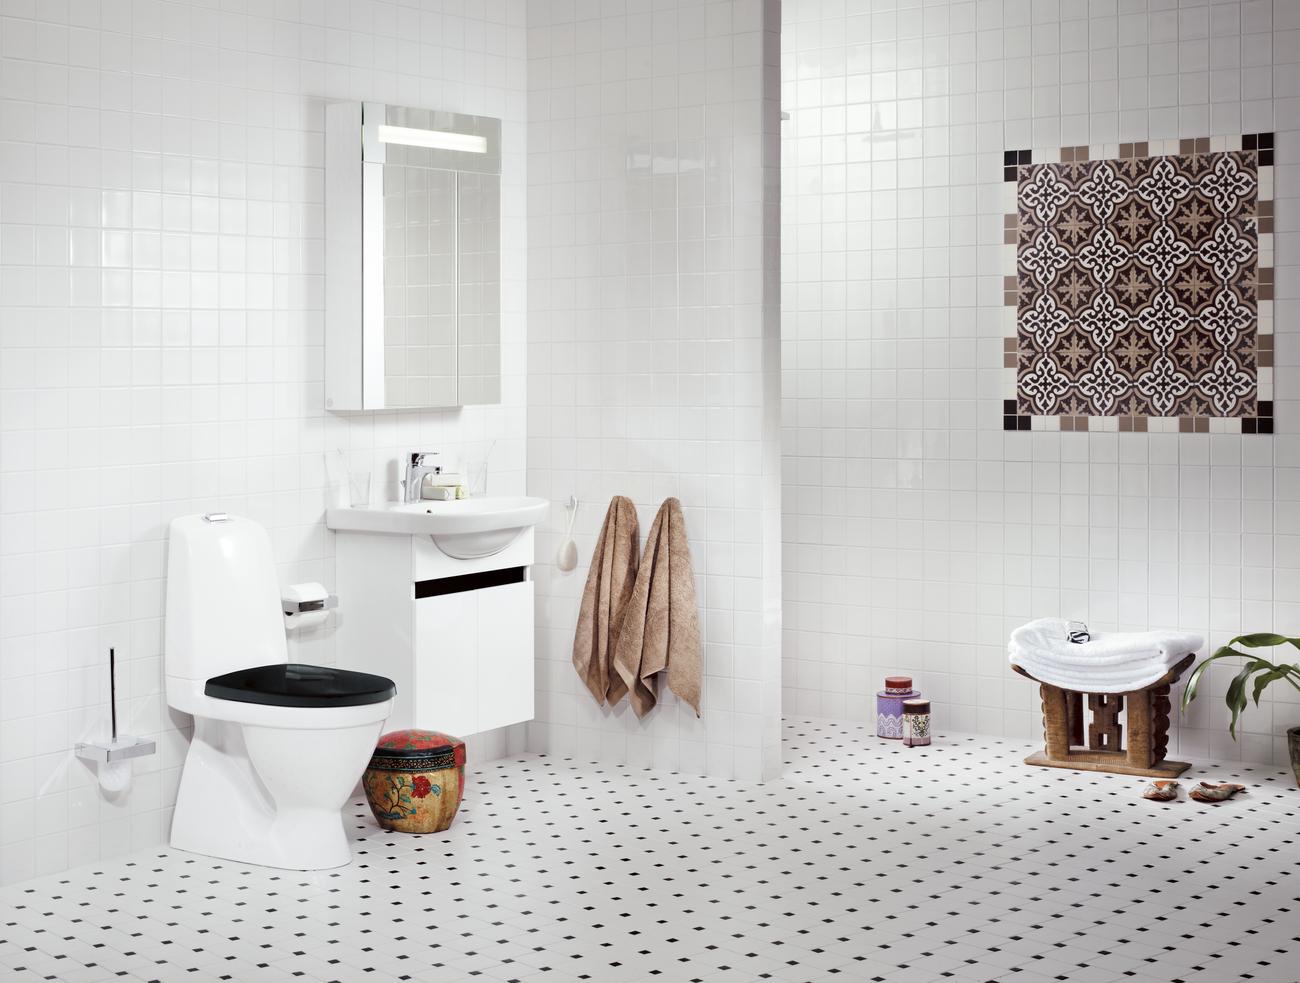 Stort udvalg af gustavsberg badeværelsesprodukter!